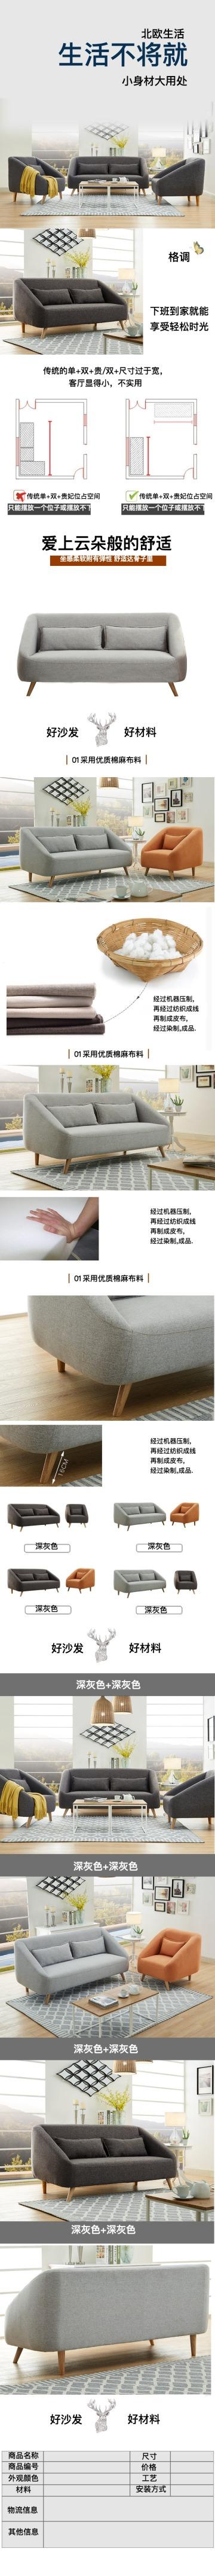 时尚简约欧式沙发组合电商详情图